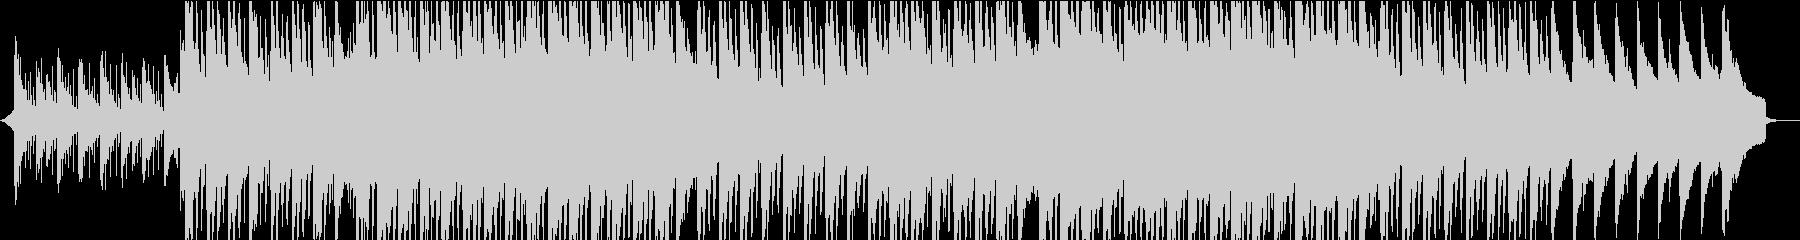 優しい・あたたかい・ピアノのコーポレートの未再生の波形